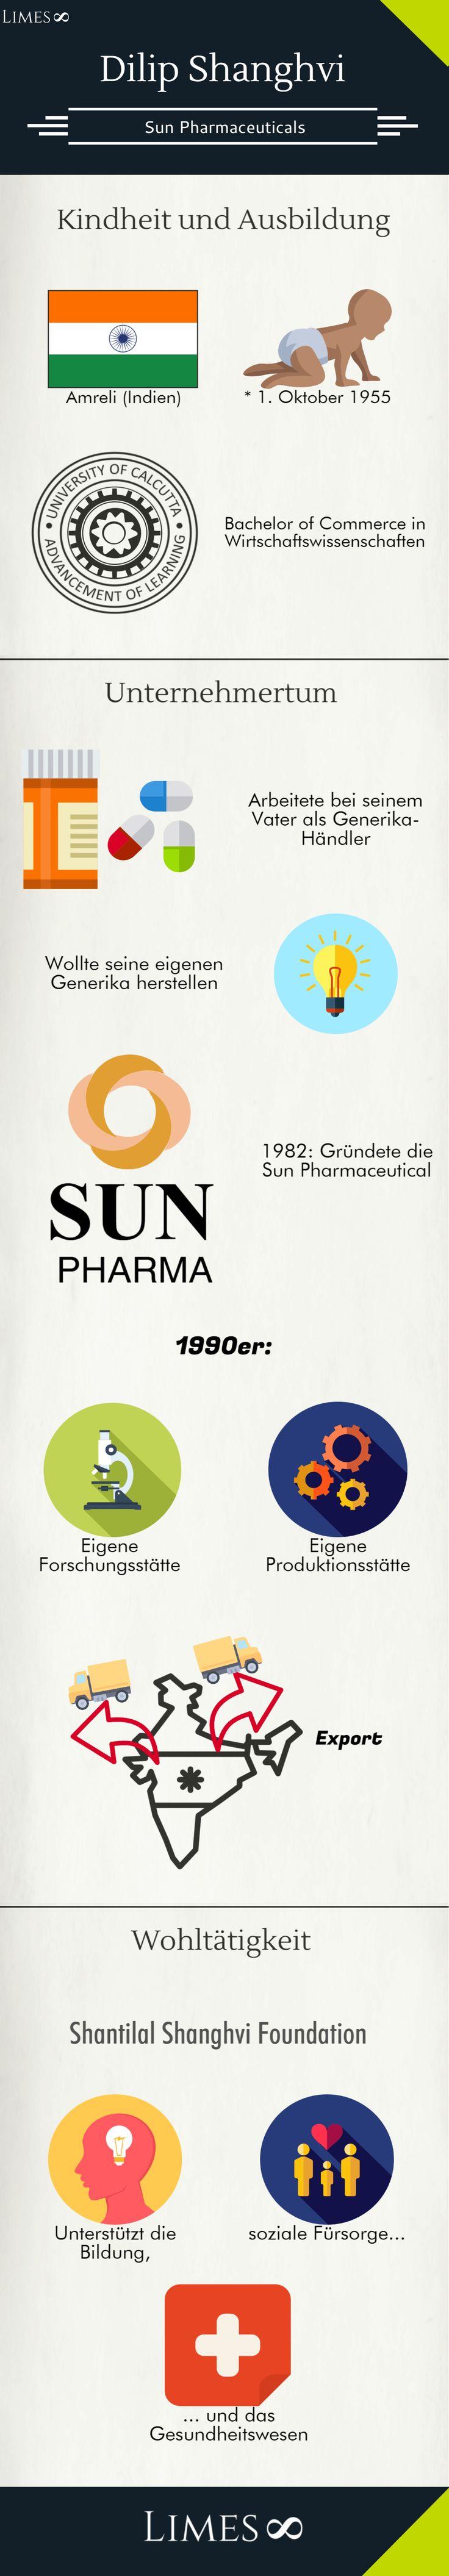 Infografik Dilip Shanghvi: Geschäftsführer des indischen Sun Pharmaceuticals, dem größten Farma-Unternehmen in Indien und dem fünftgrößten weltweit.